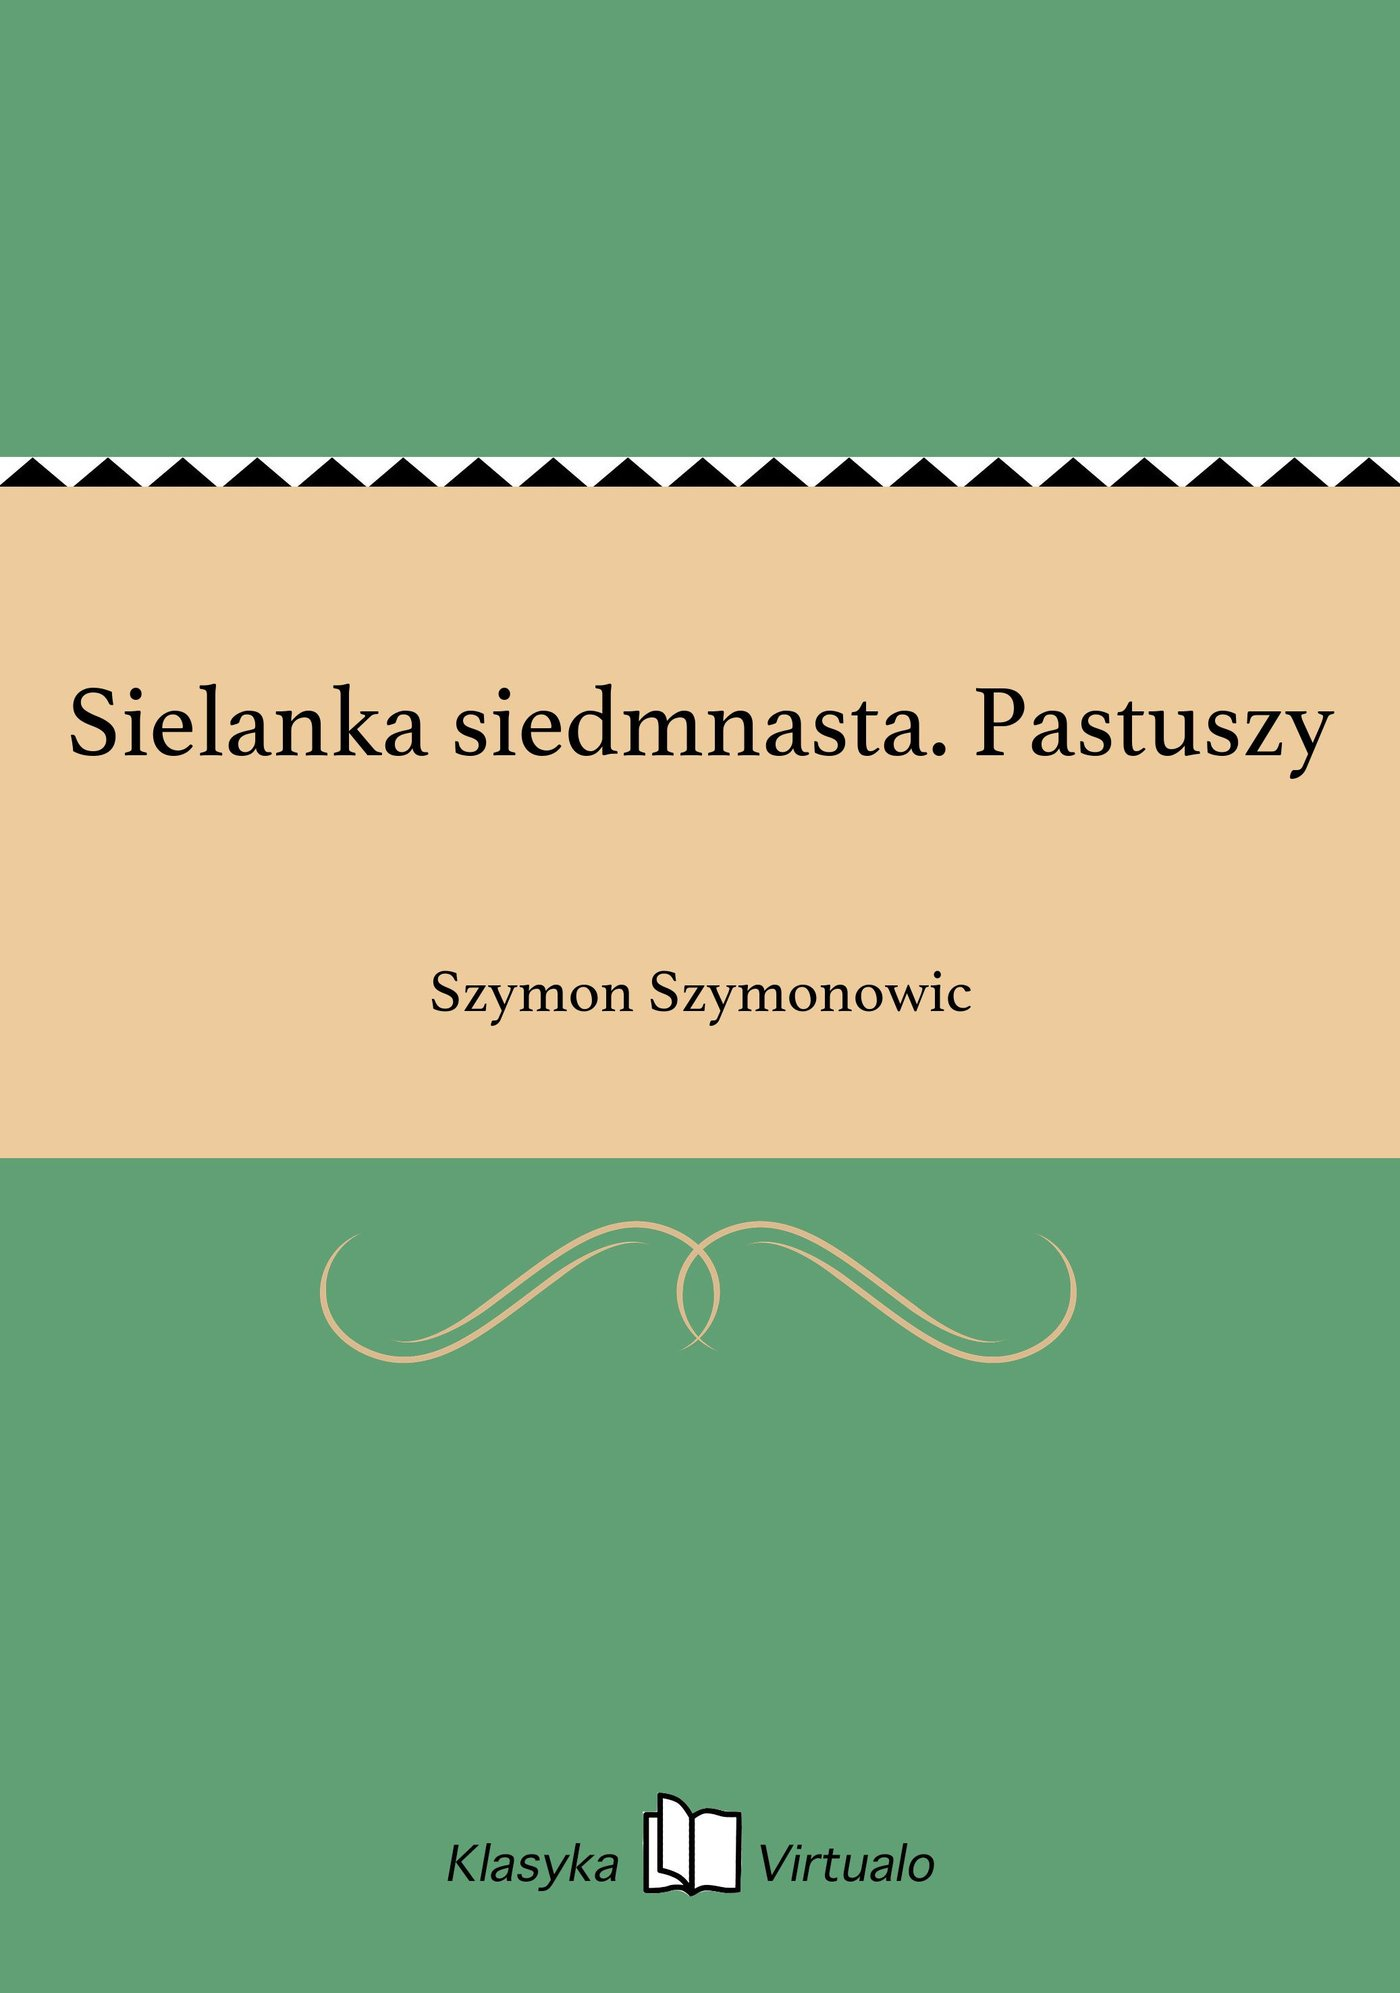 Sielanka siedmnasta. Pastuszy - Ebook (Książka EPUB) do pobrania w formacie EPUB